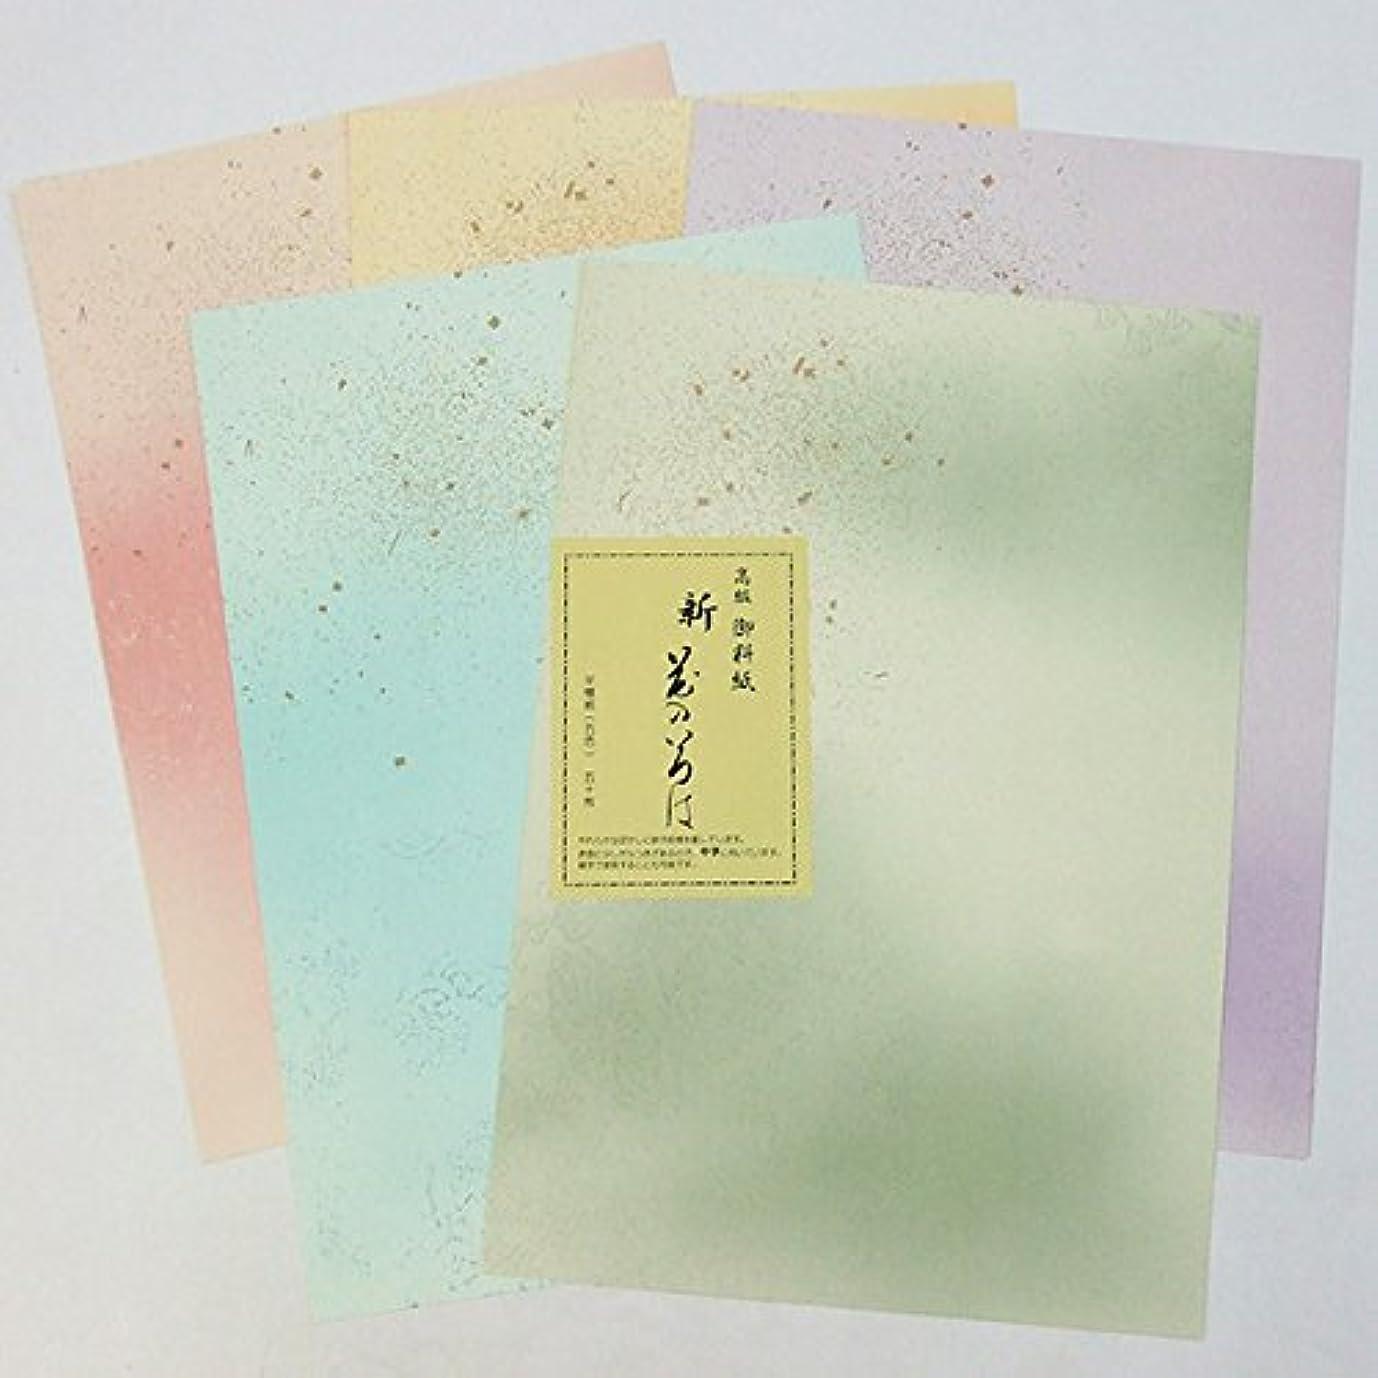 宣言ボクシングジェム高級 御料紙 新 花のいろは 半懐紙 50枚